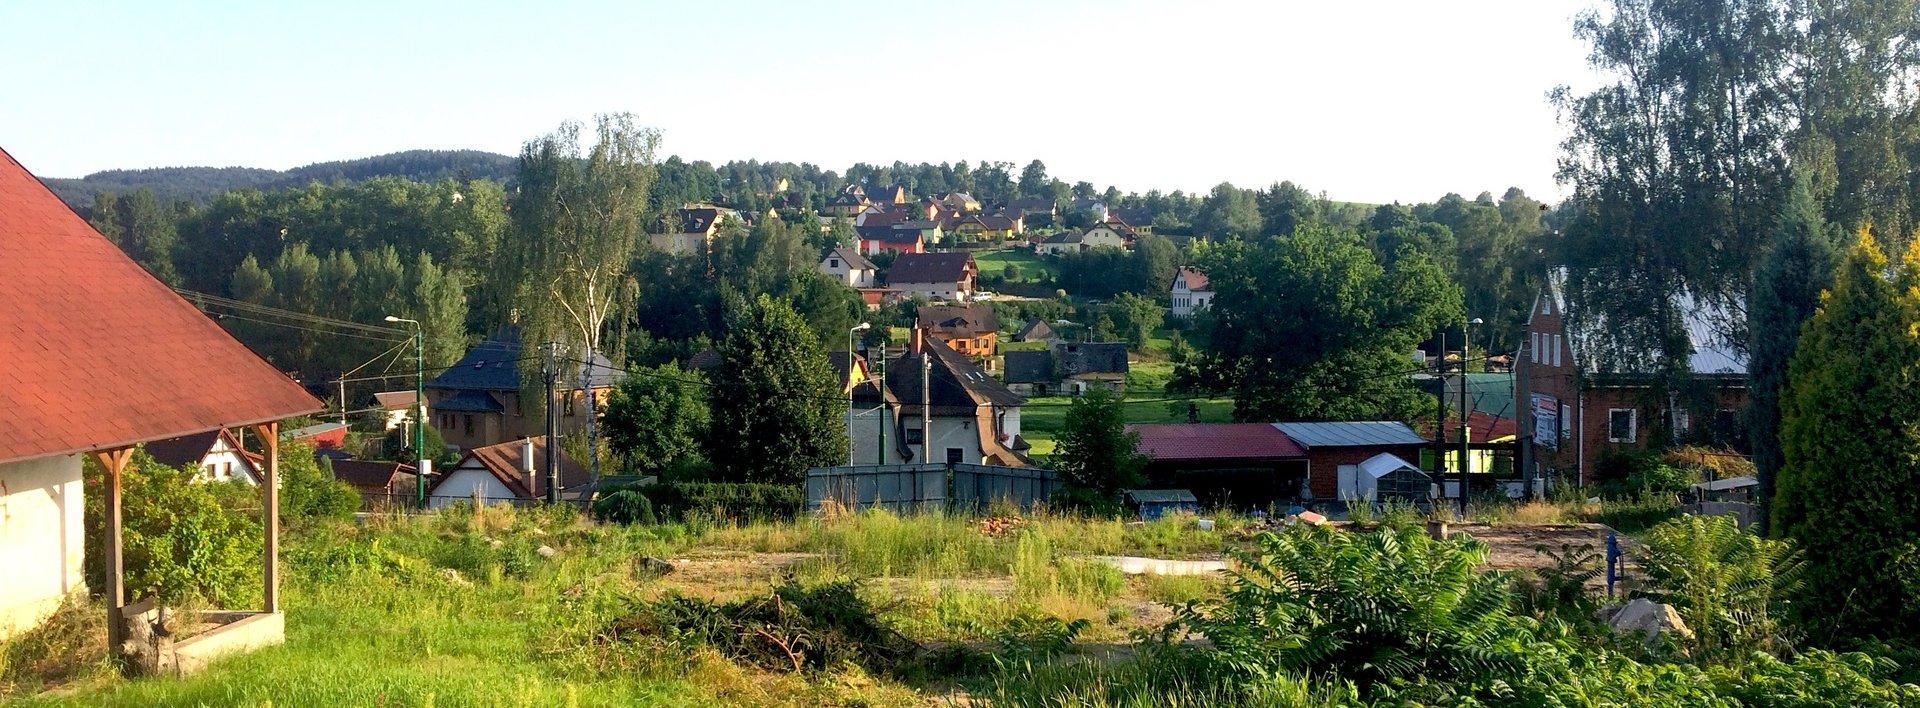 Prodej stavebního pozemku se zděnou stodolou - Vratislavice nad Nisou, Ev.č.: N48168